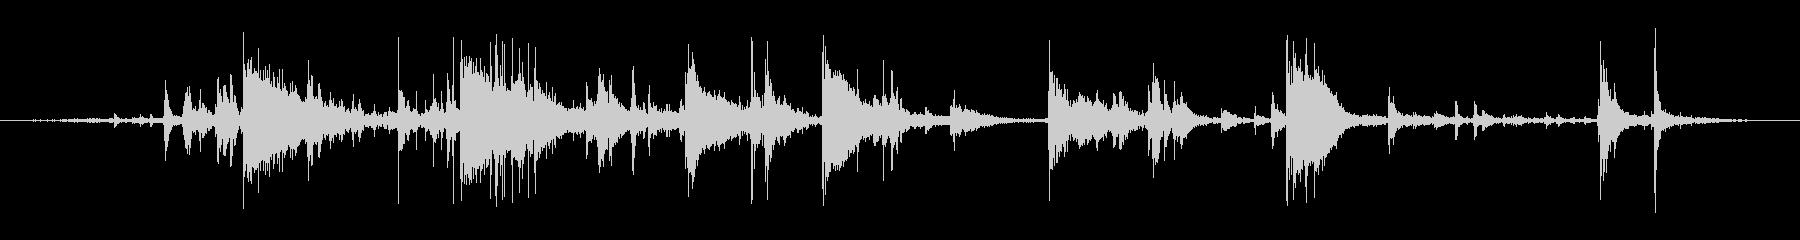 氷を入れる音(カランカラン、チンチロリンの未再生の波形